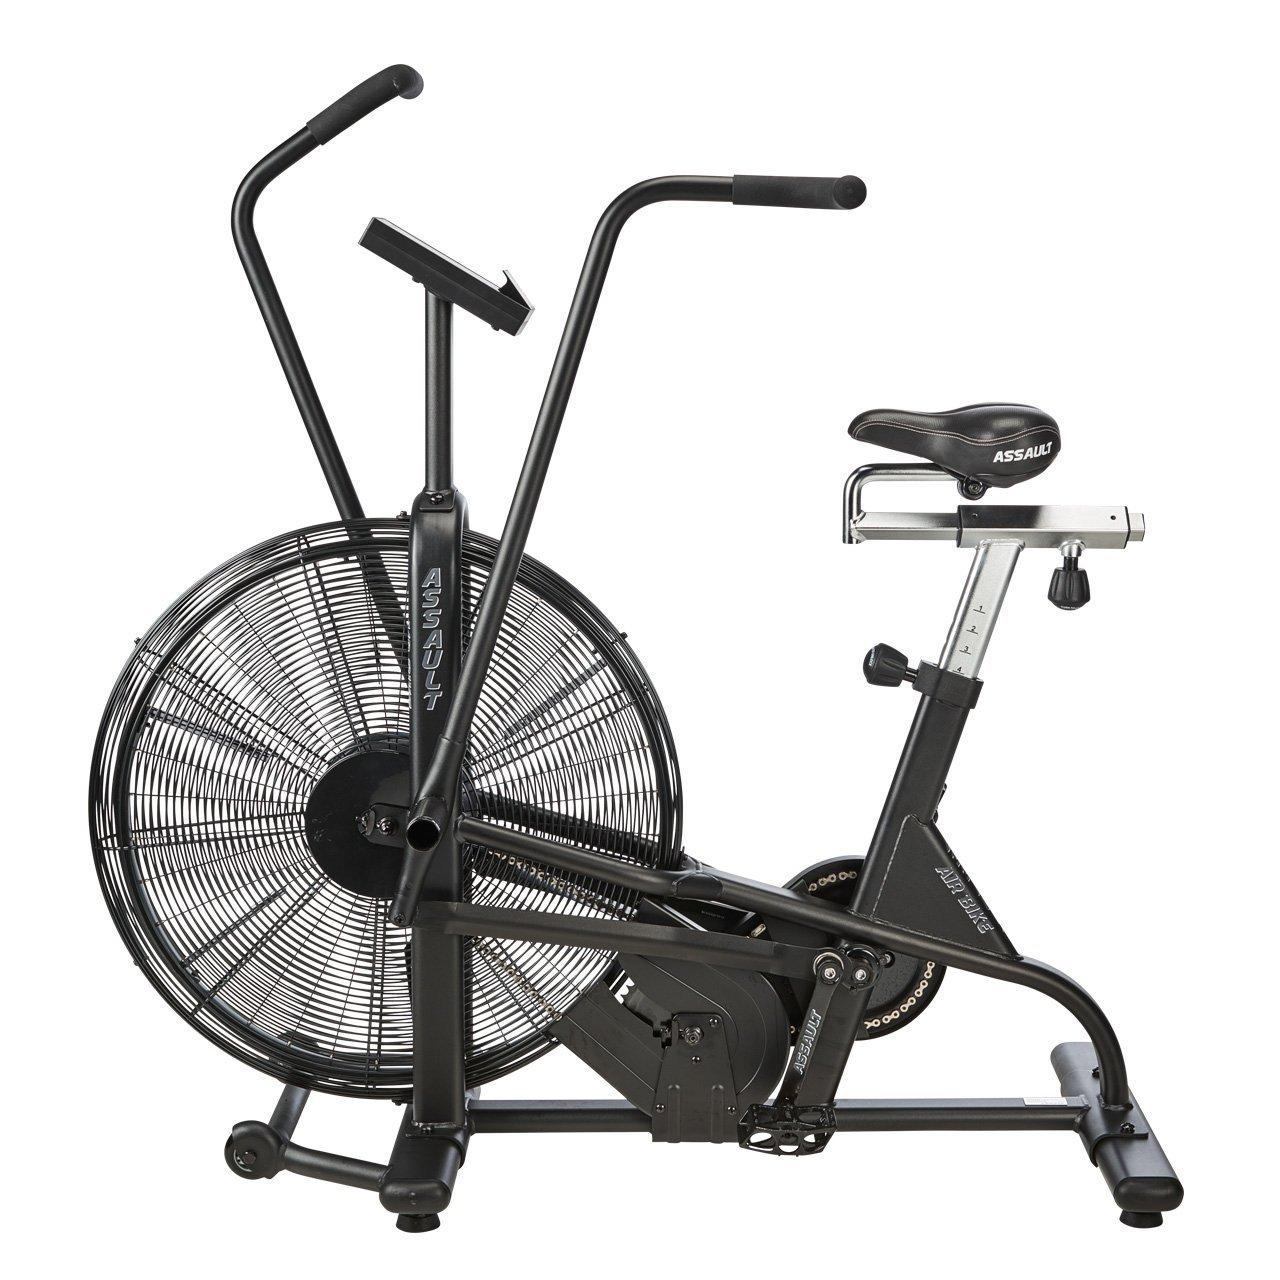 Air Assault Bike